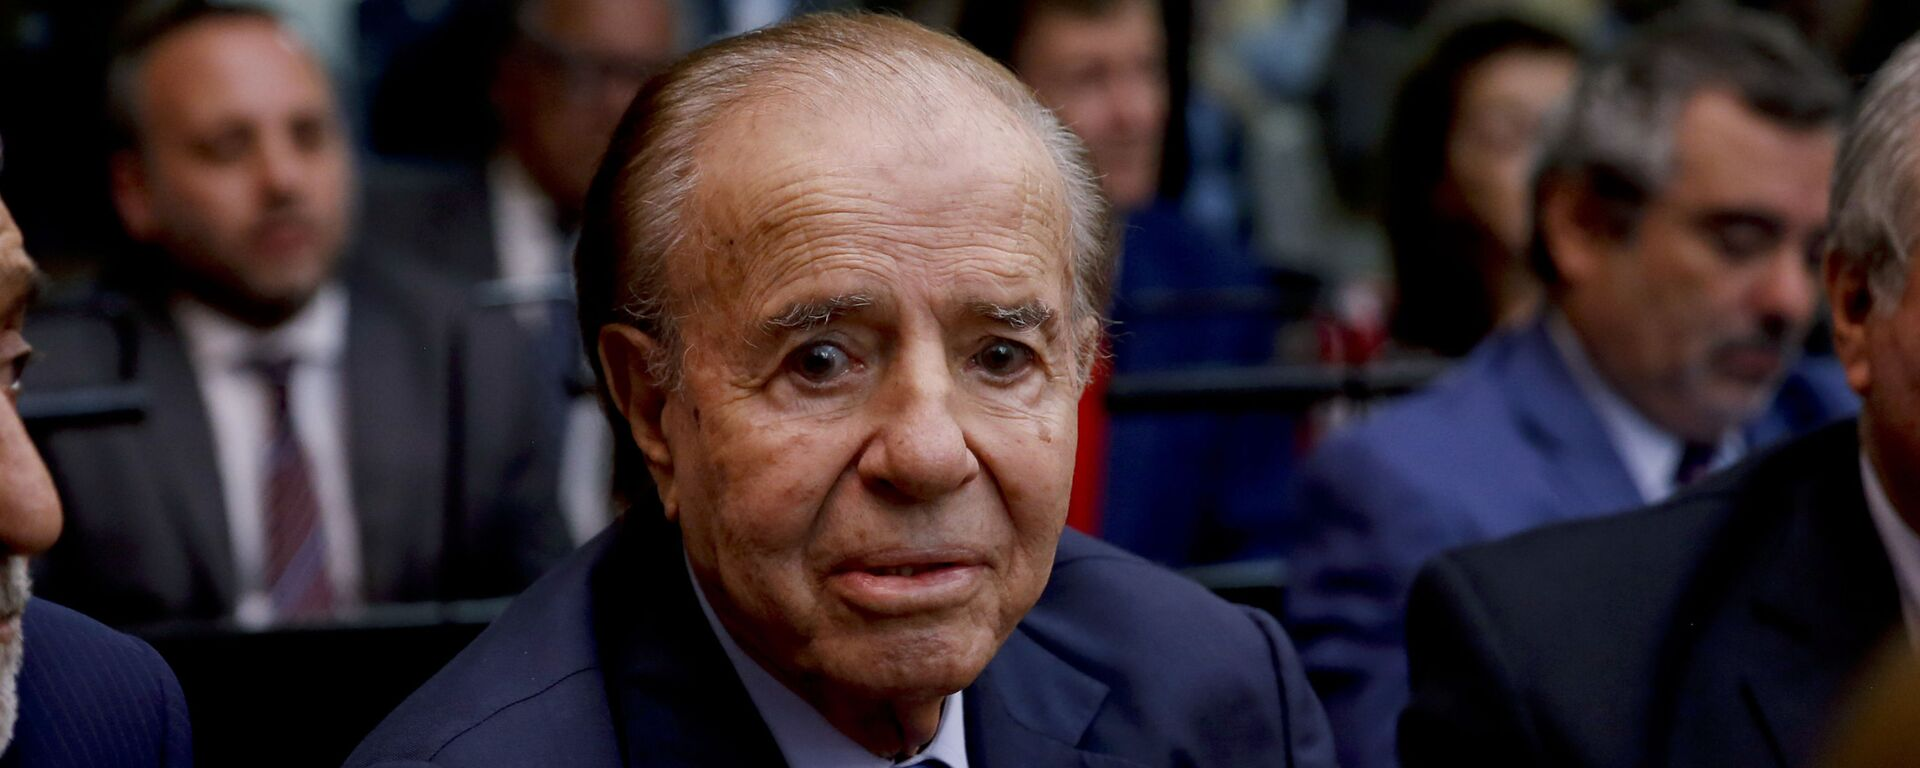 Carlos Saúl Menem, expresidente de Argentina - Sputnik Mundo, 1920, 14.02.2021